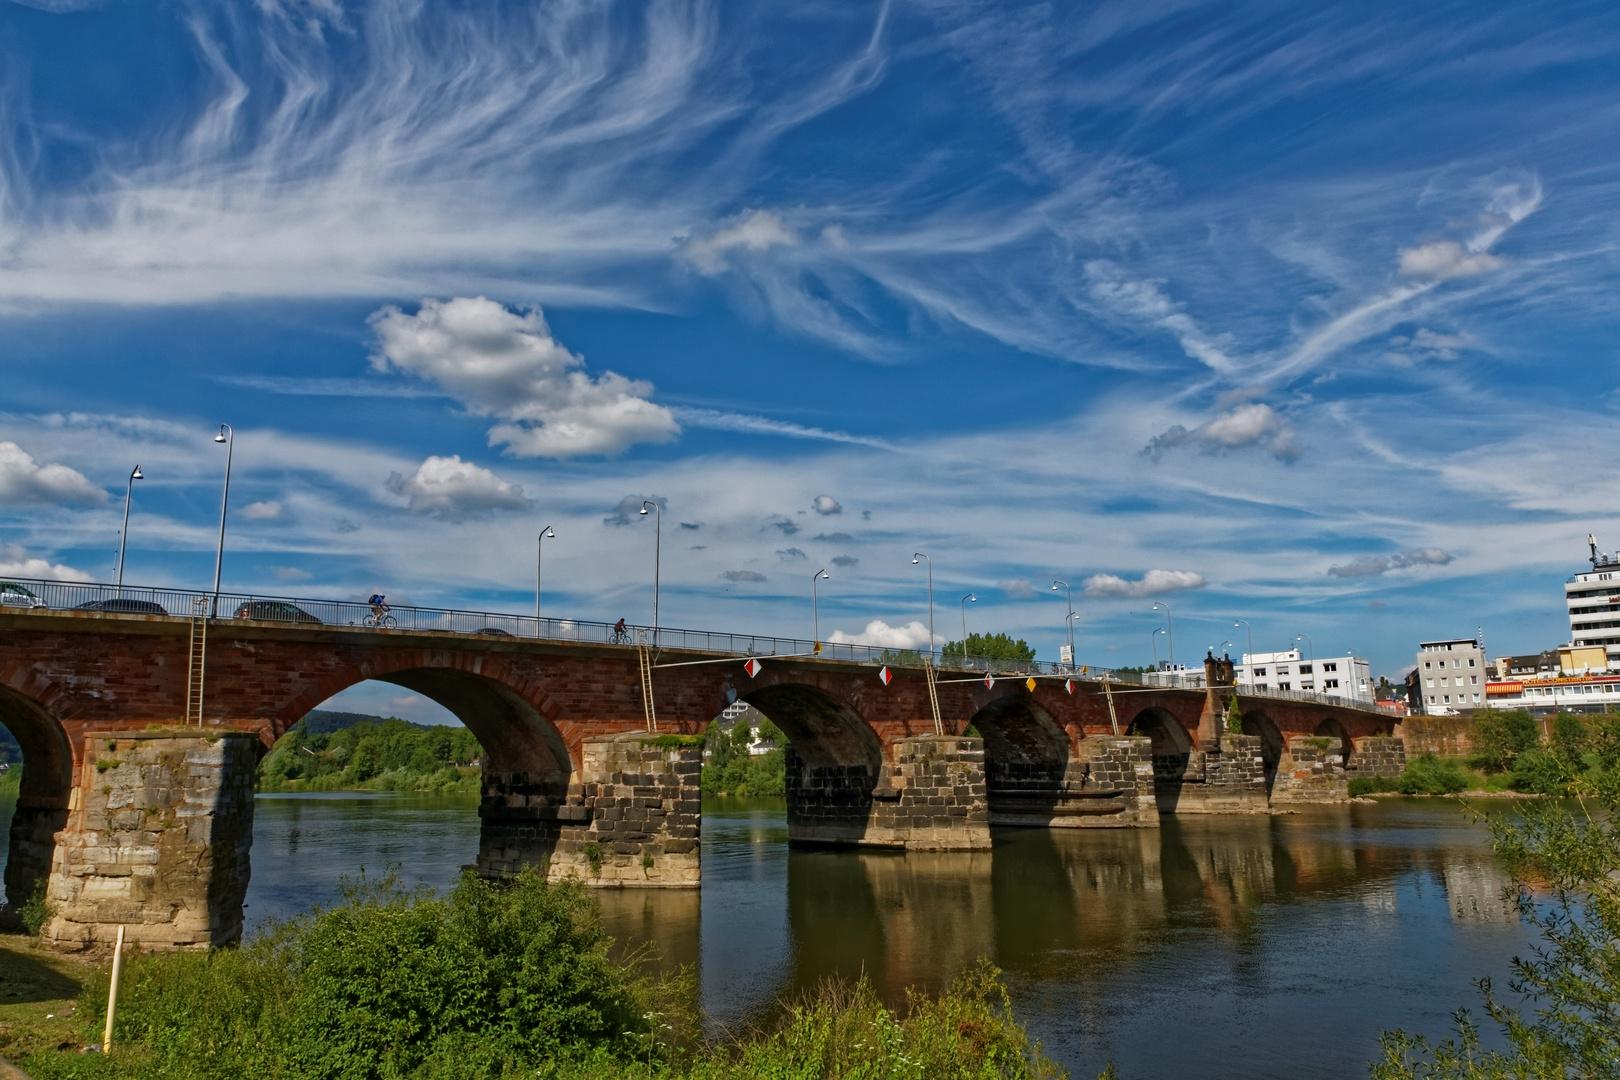 Die alte Römerbrücke Trier